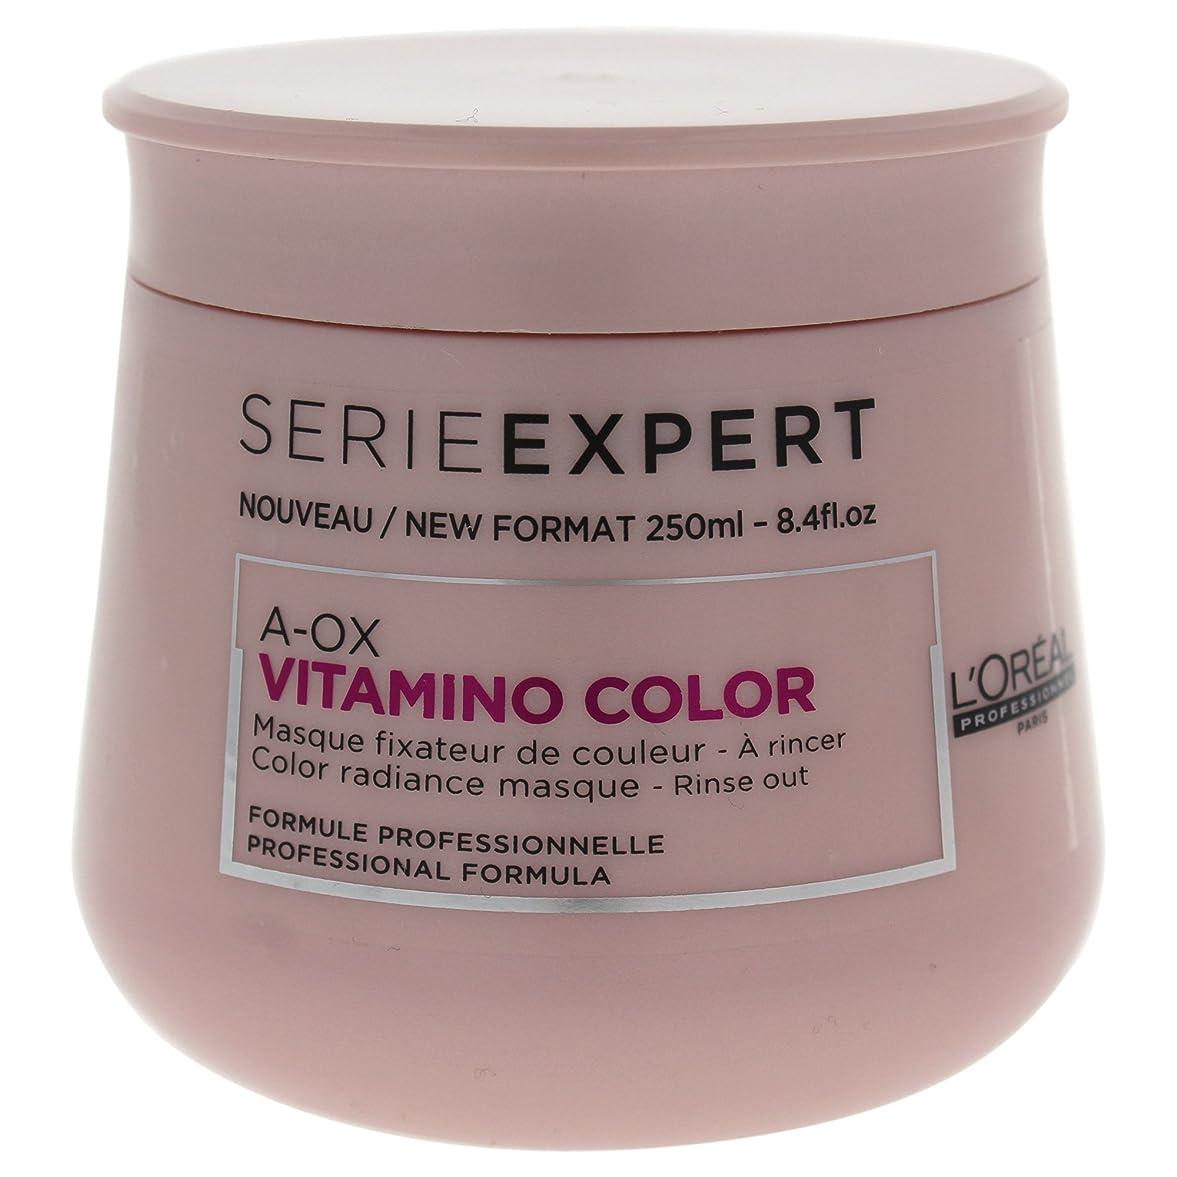 真実体操選手生産的L'Oreal Serie Expert A-OX VITAMINO COLOR Color Radiance Masque 250 ml [並行輸入品]